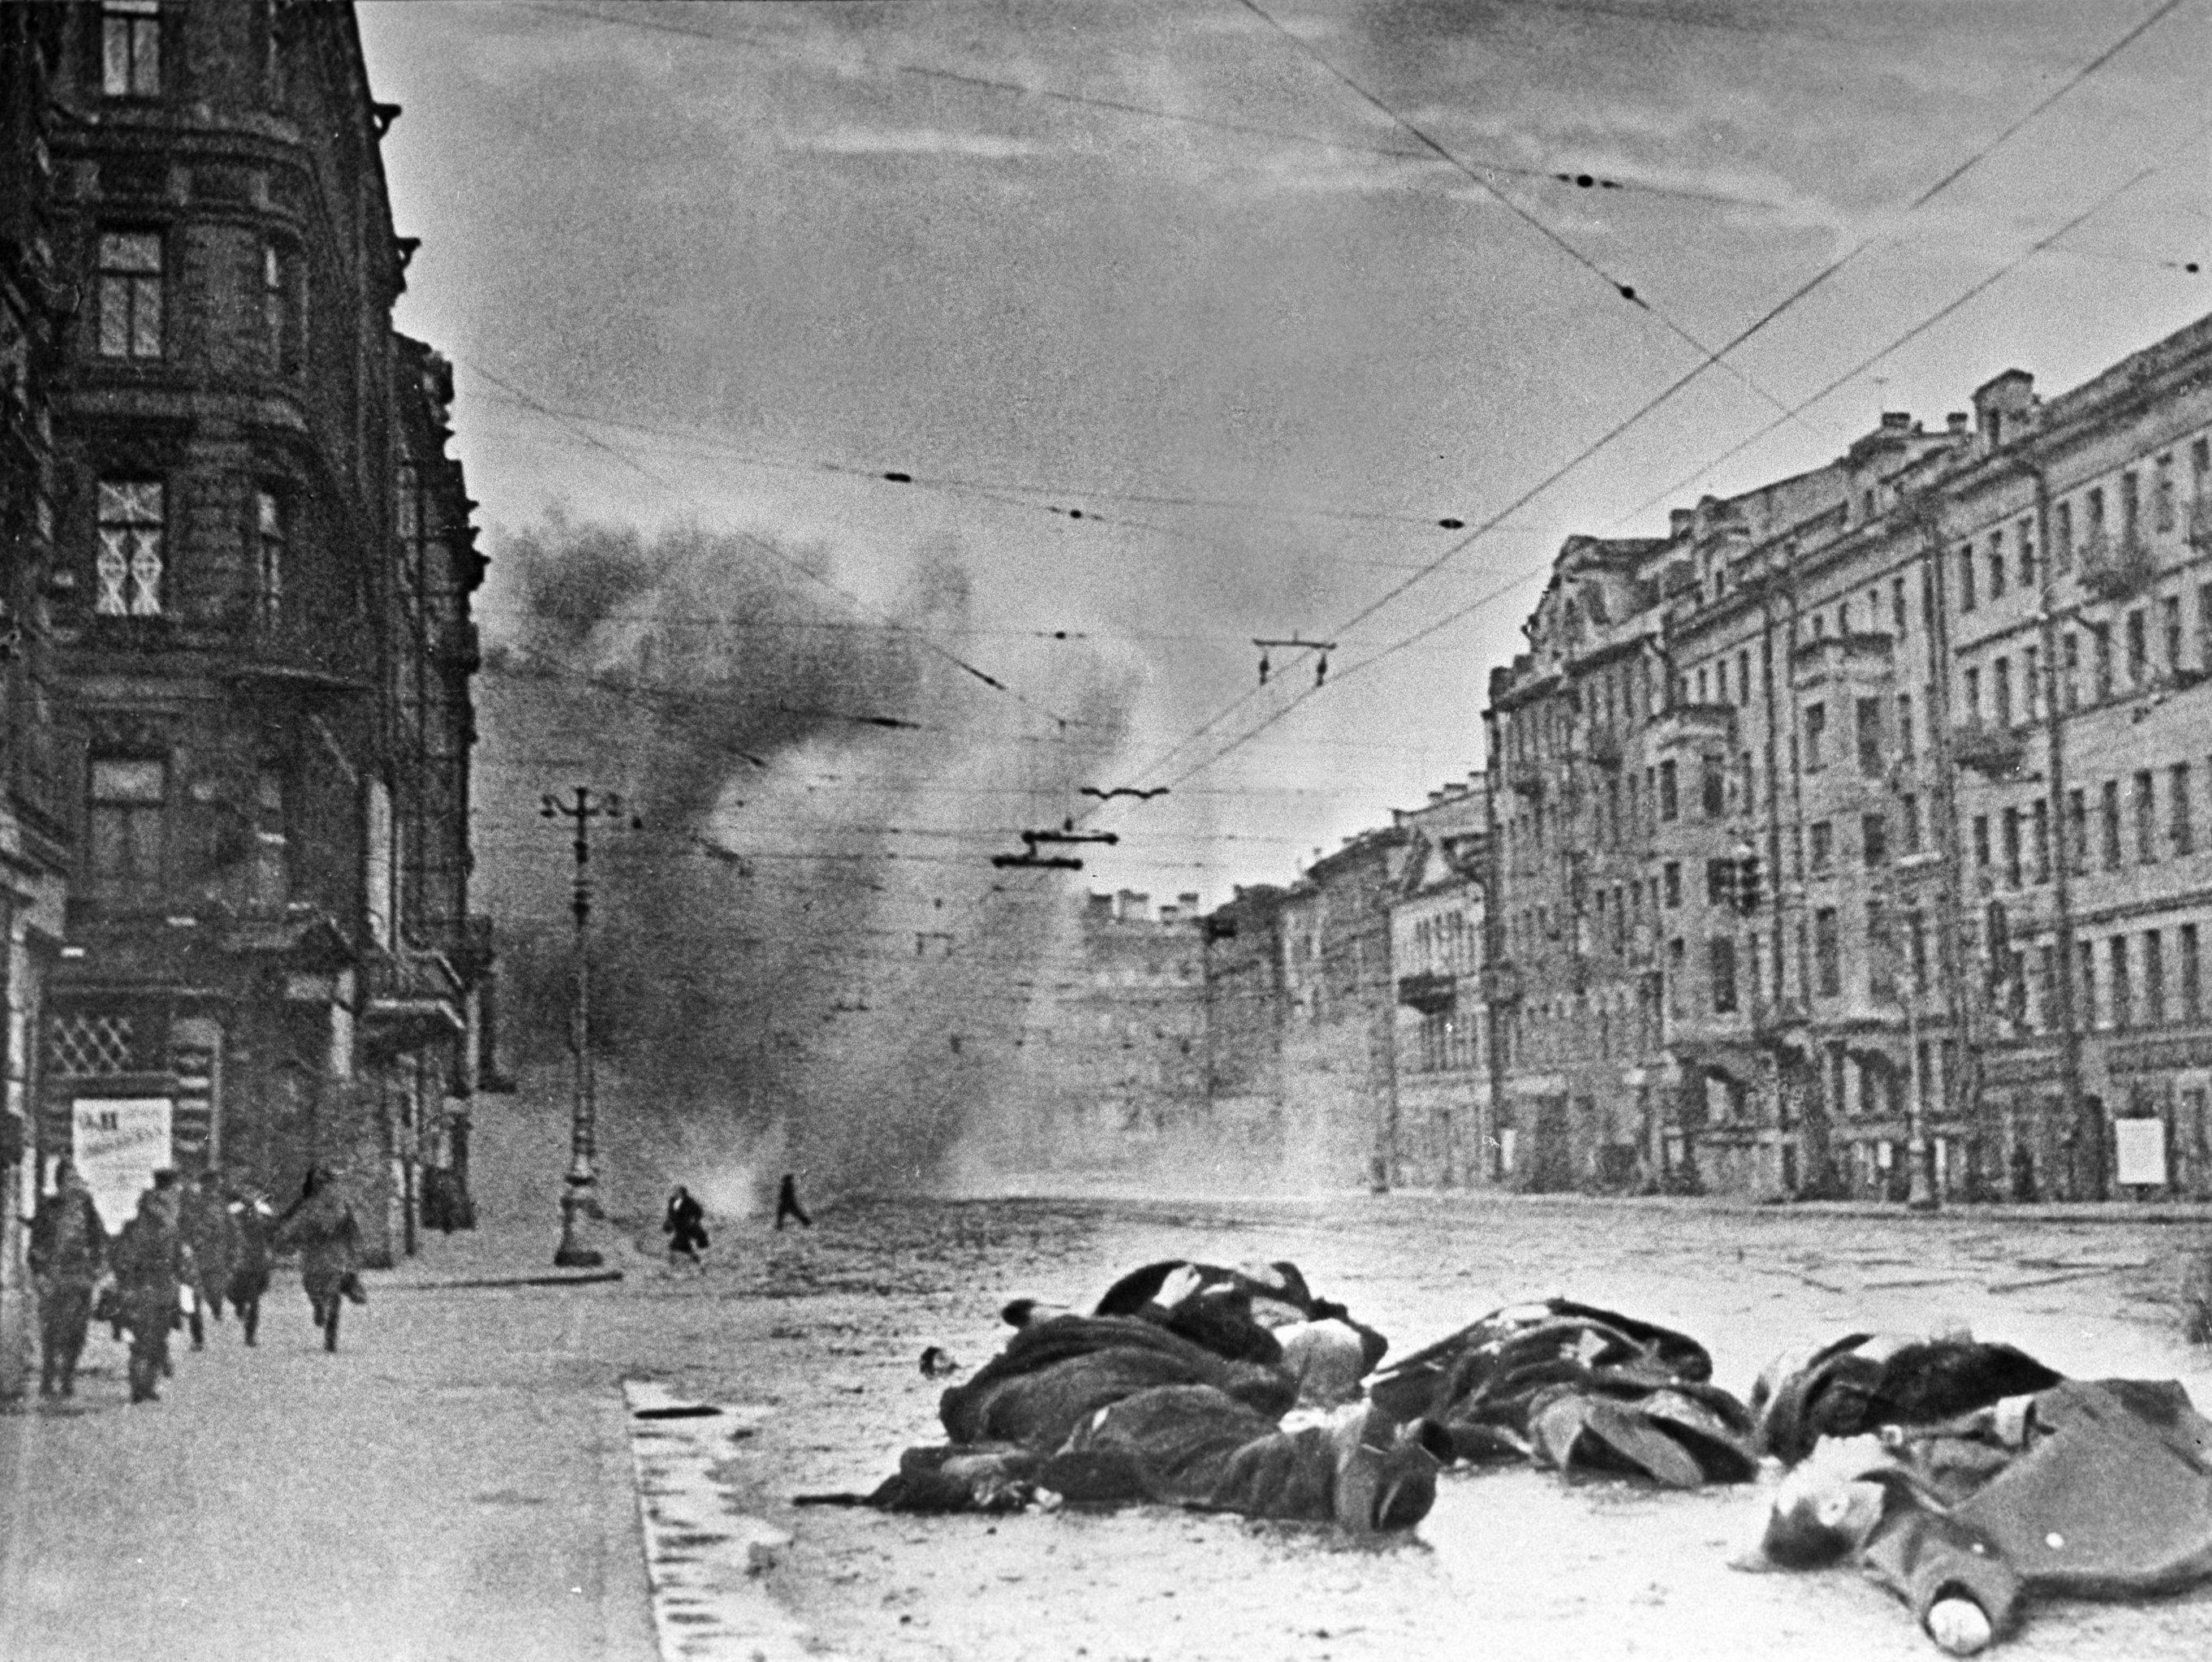 630.000 personas murieron en Leningrado durante el sitio: el 97 % pereció a causa del hambre